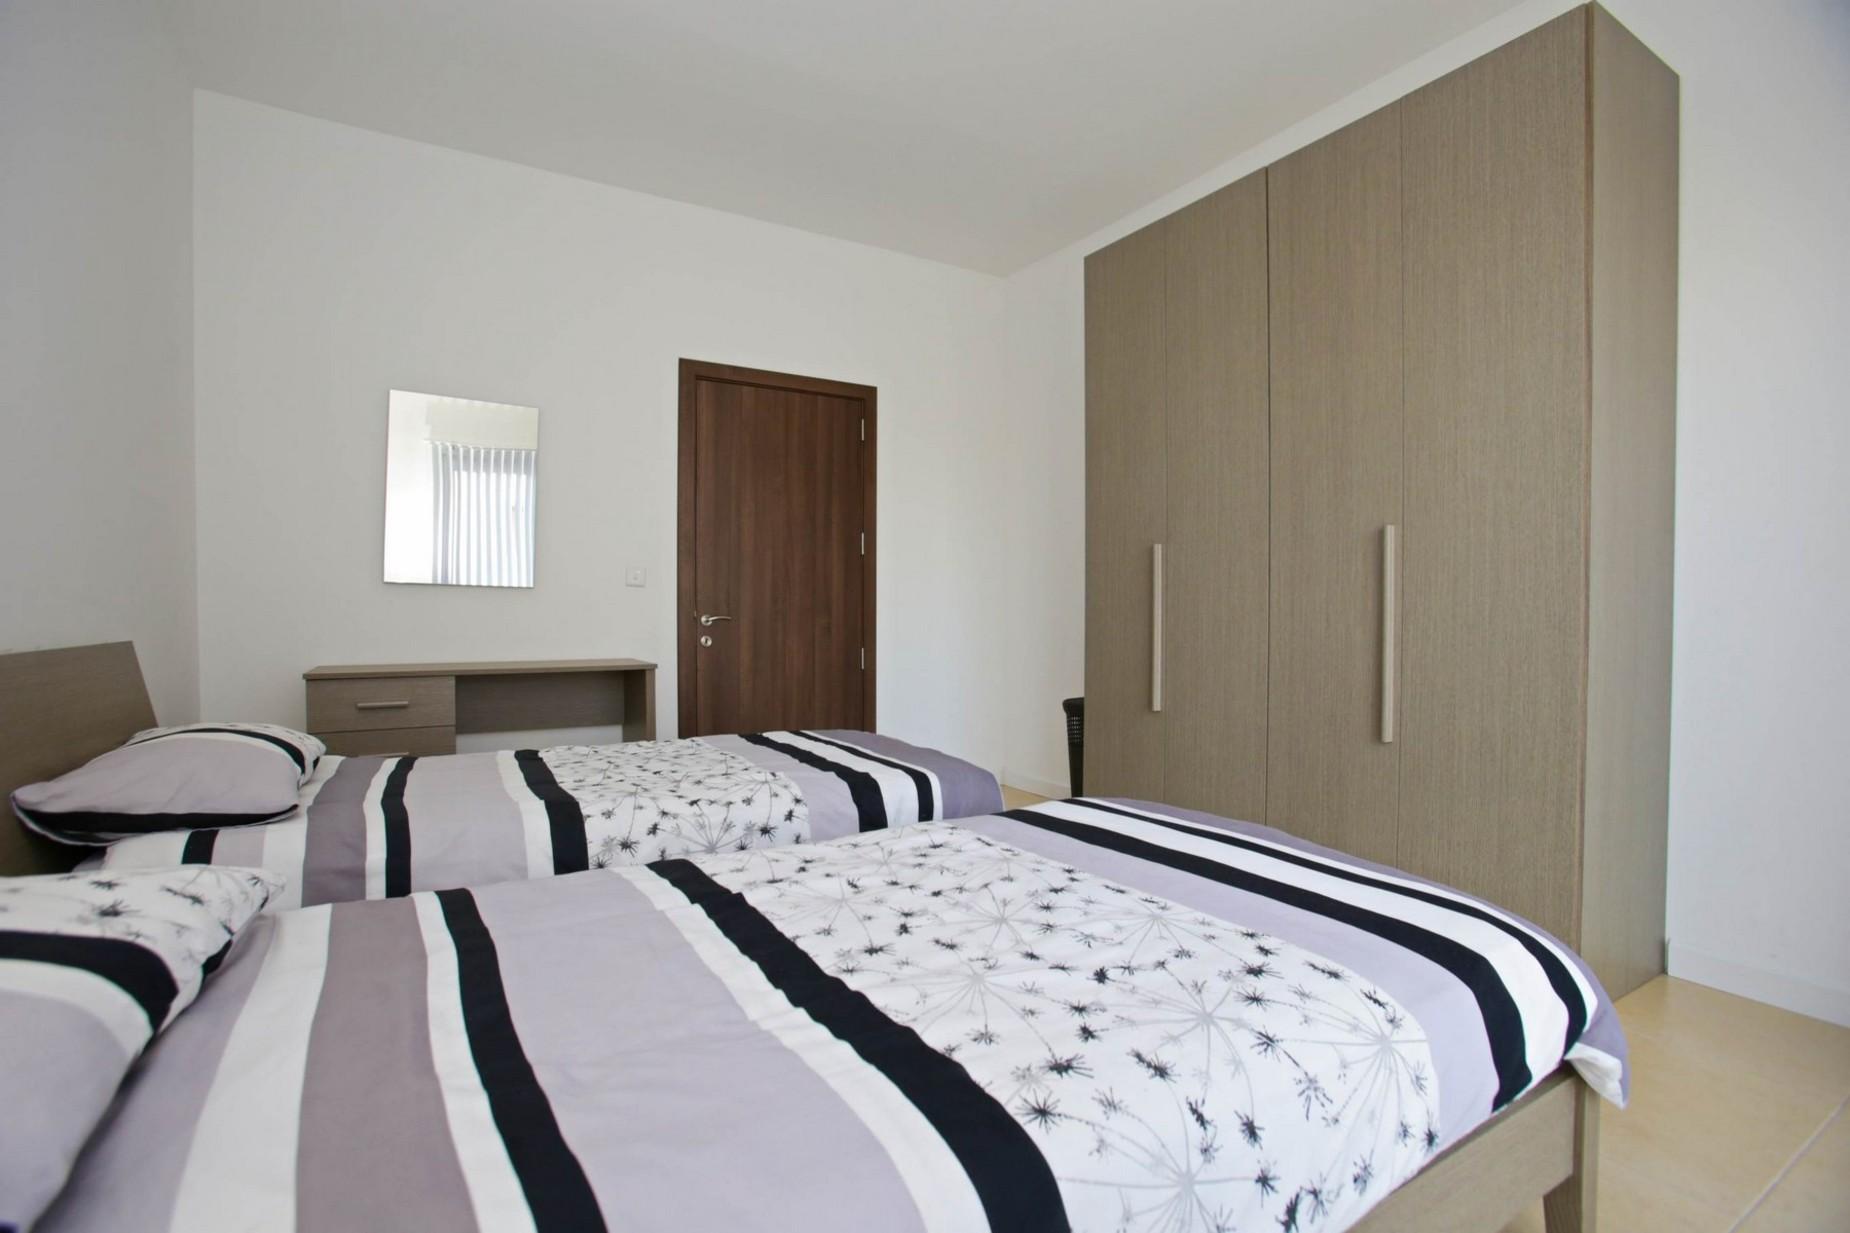 3 bed Apartment For Rent in Gzira, Gzira - thumb 14